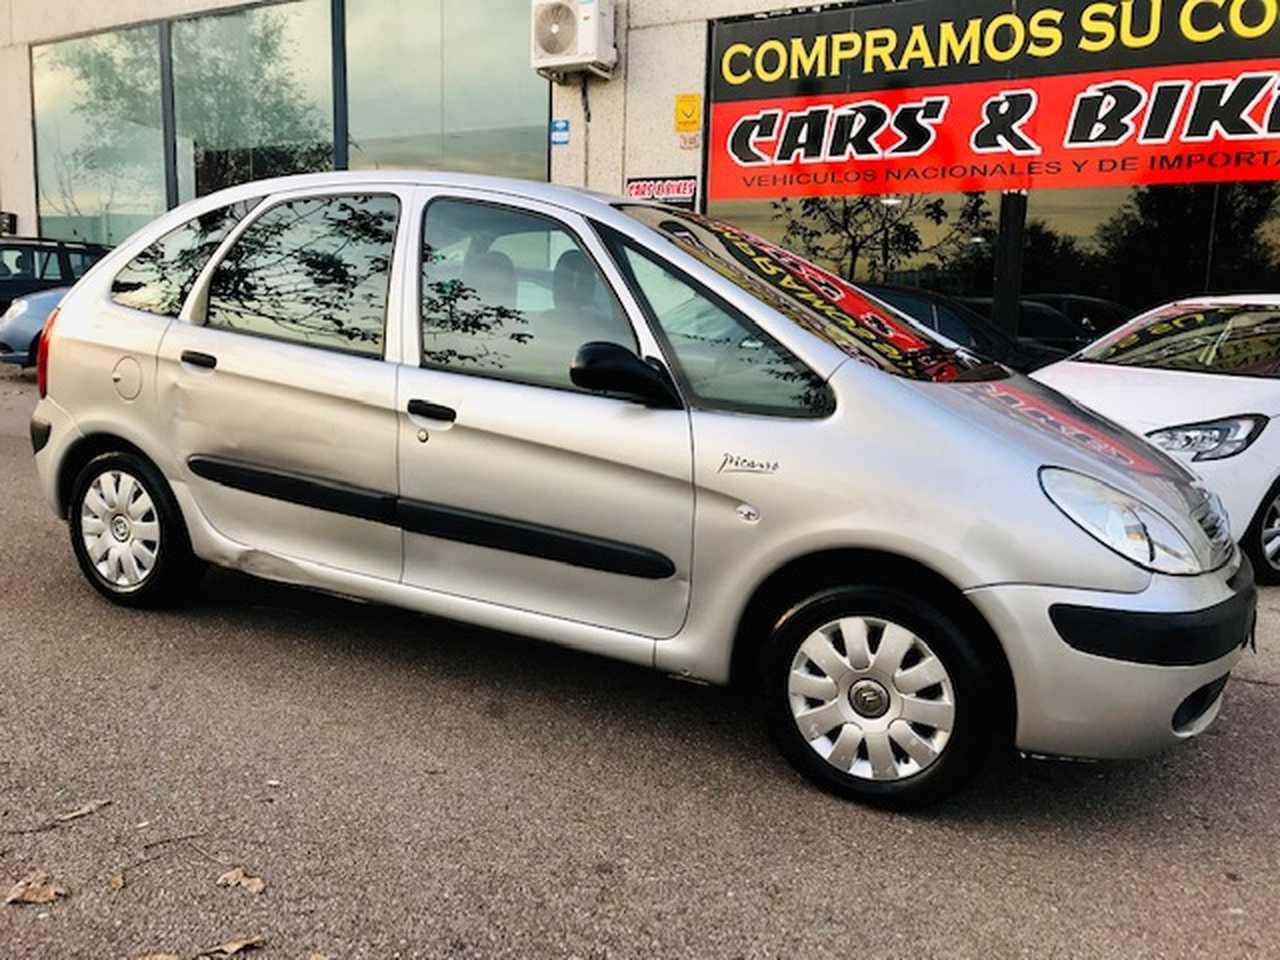 Citroën C4 Picasso 1.6 HDi 110 SX Top 5p.   - Foto 1